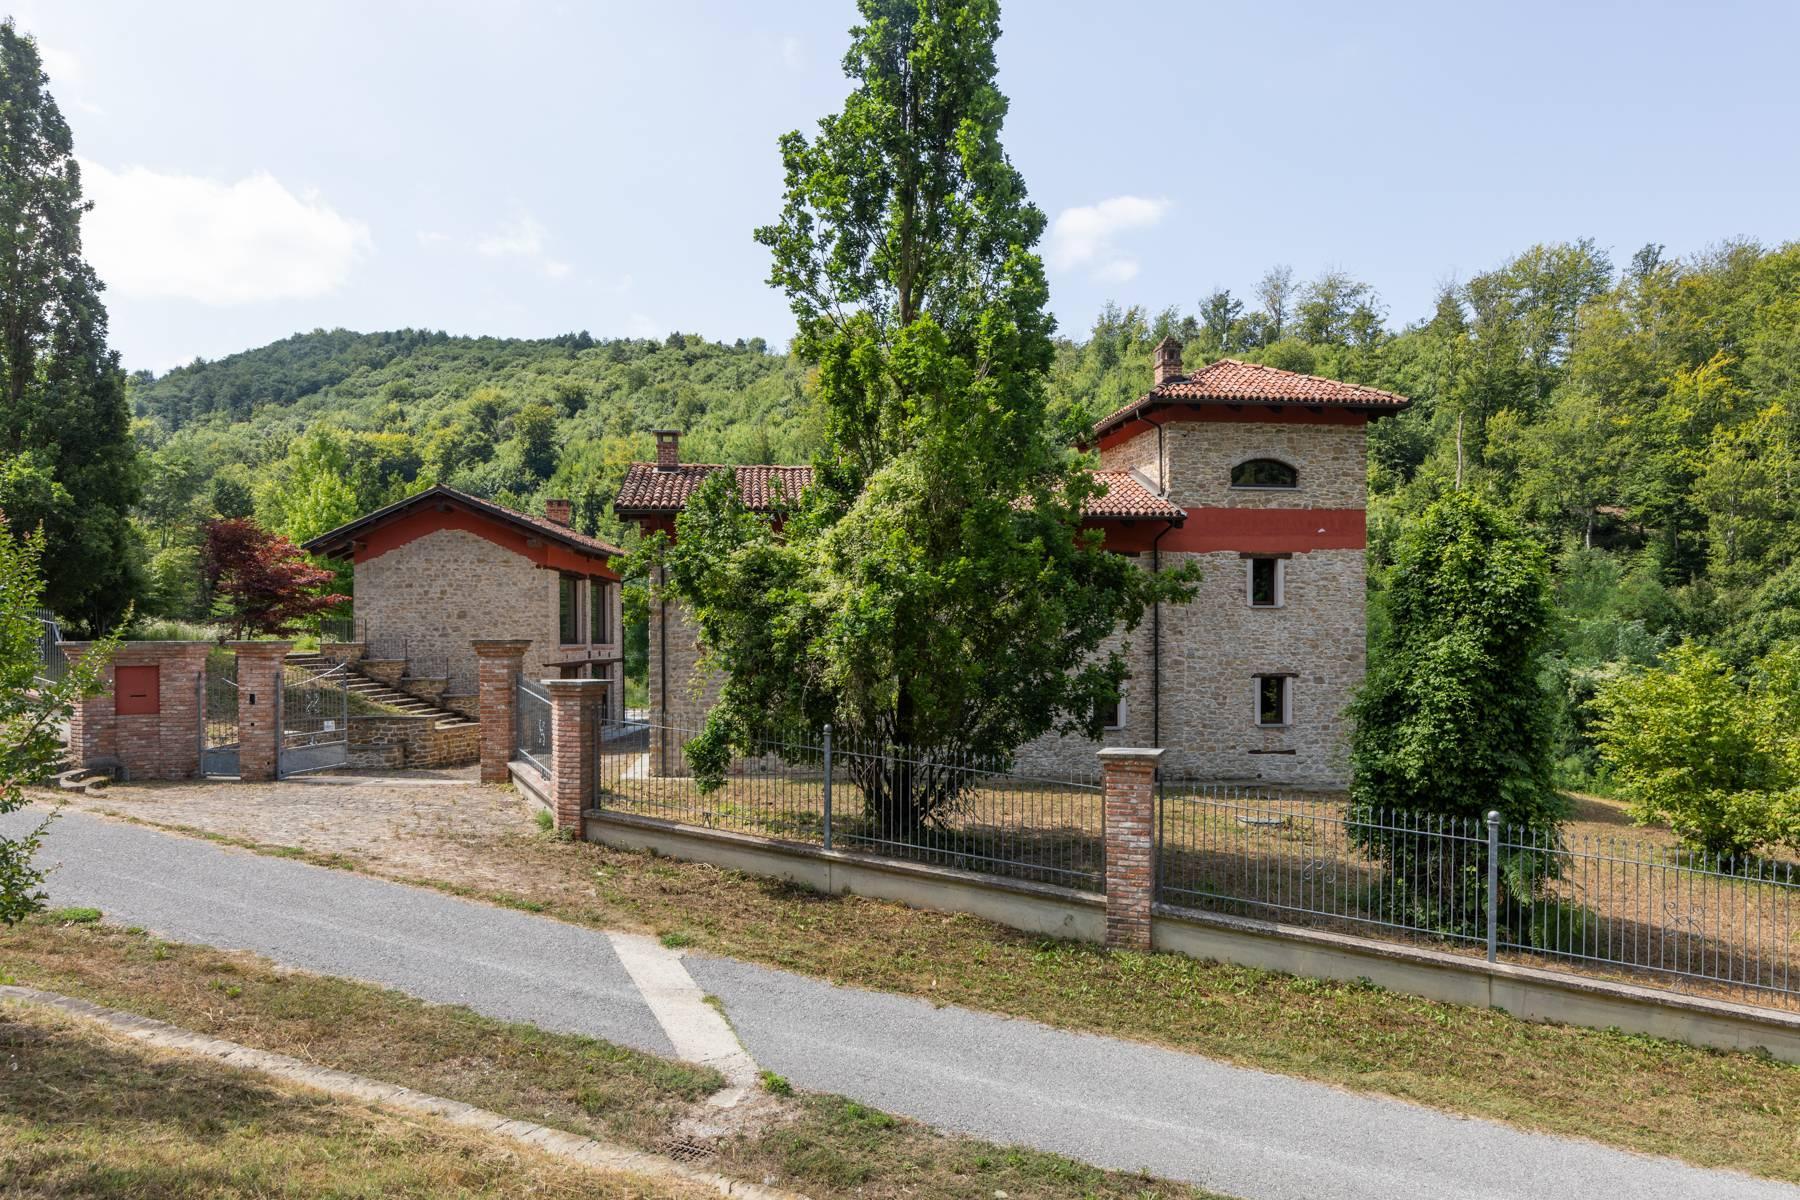 Incantevole piccolo borgo privato nelle Langhe - 18